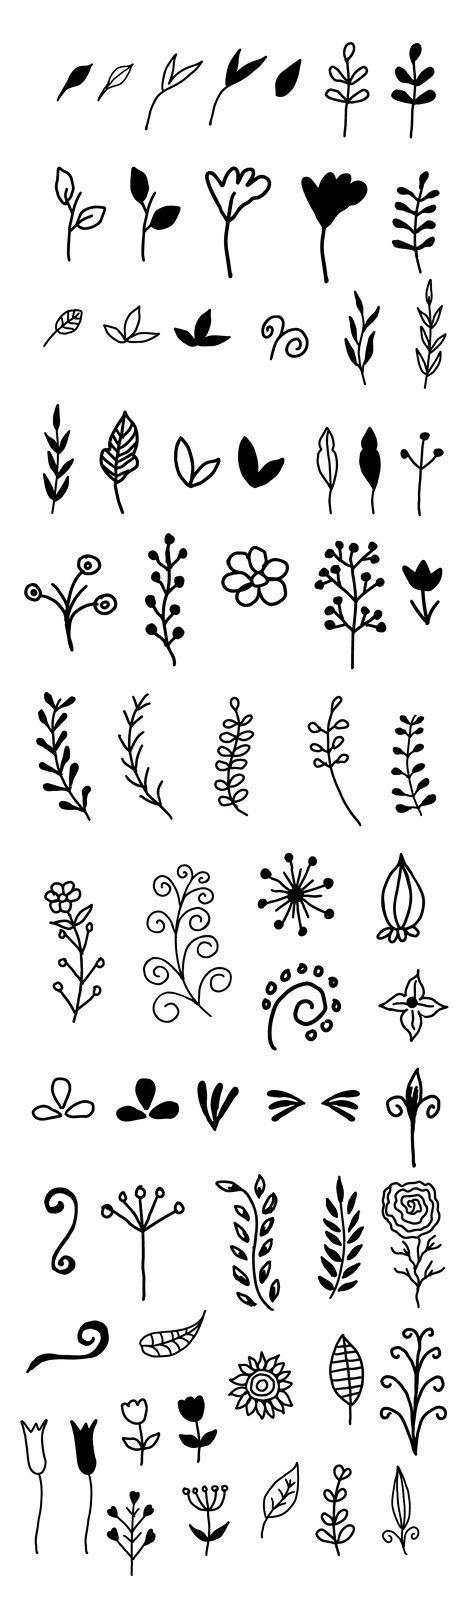 Tipos De Folhas De Arvore Para Desenhar Com Imagens Desenho De